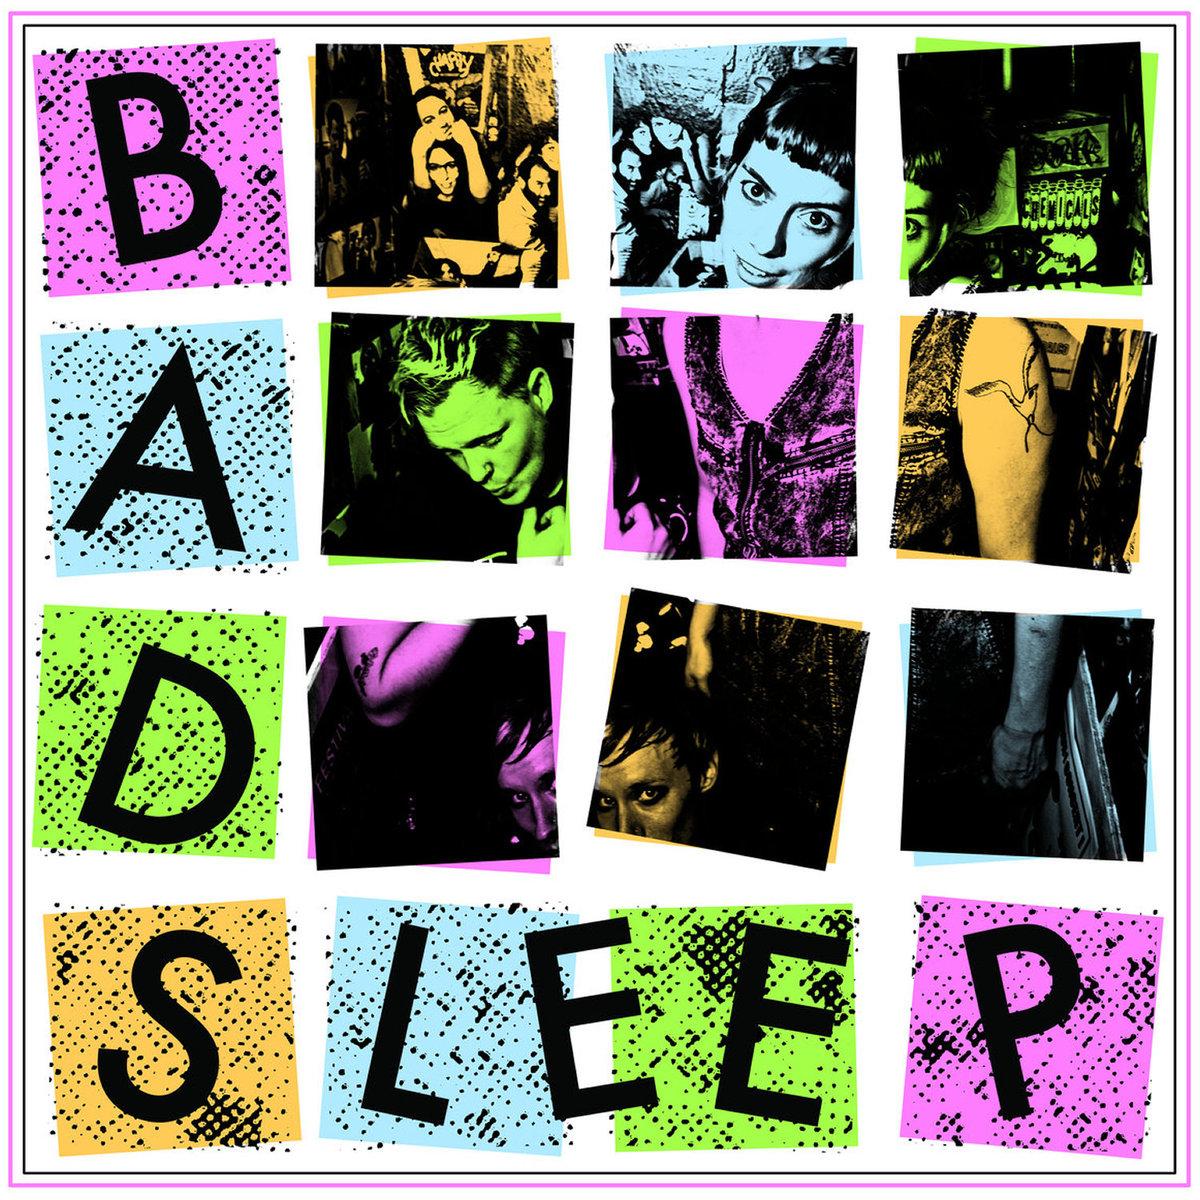 Bad Sleep - Bad Sleep